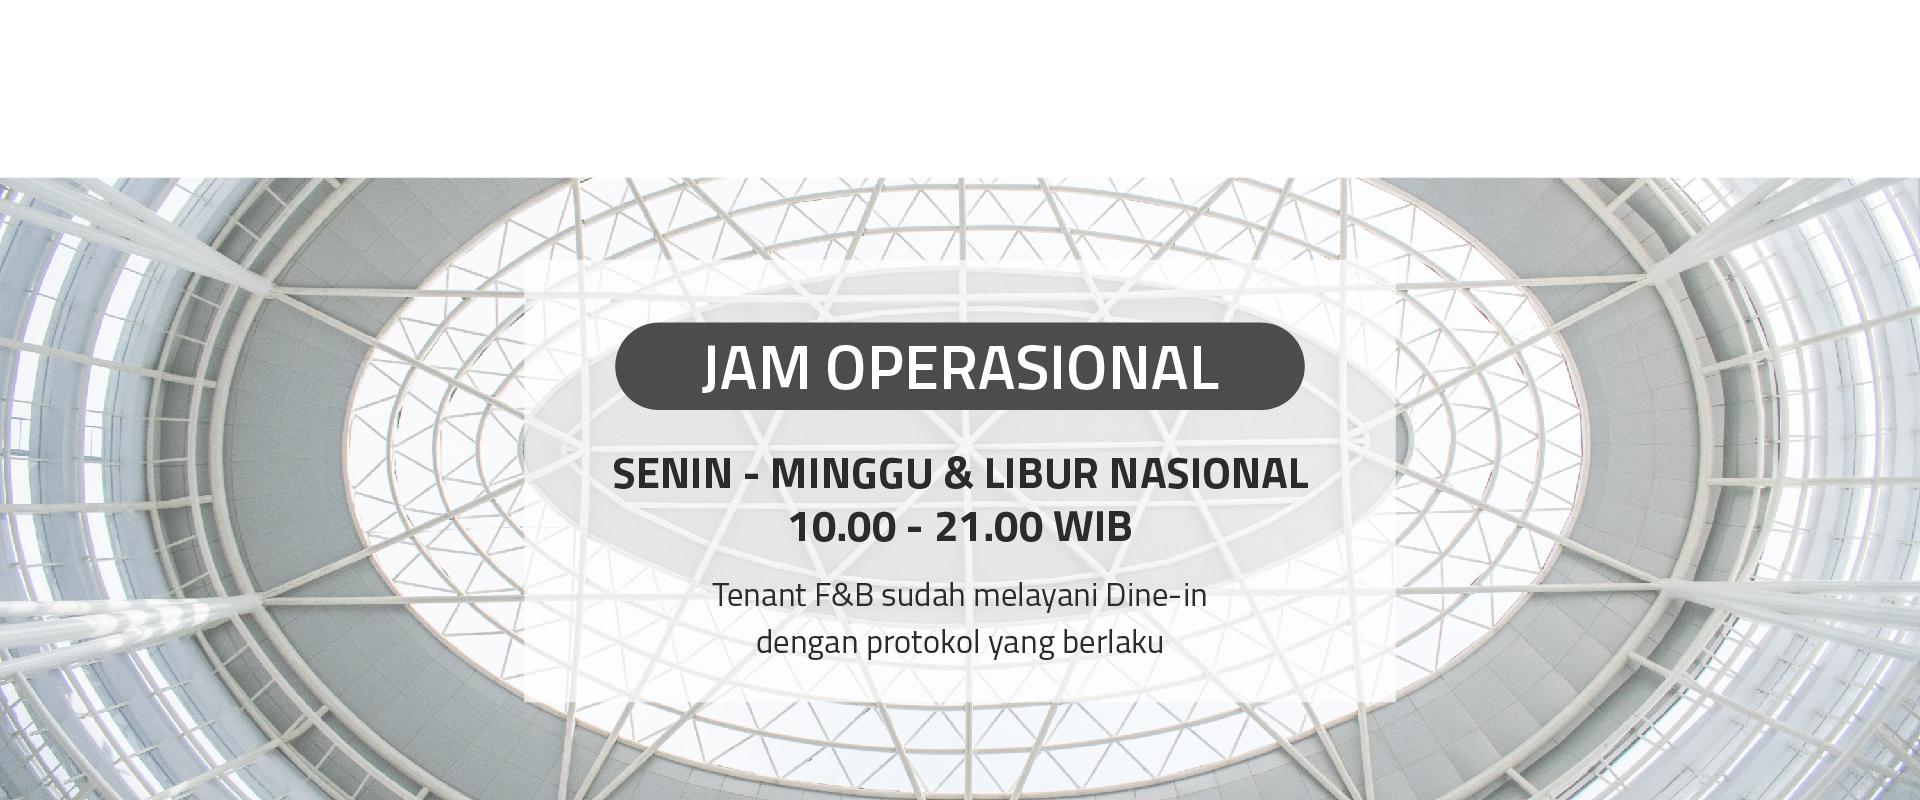 Pengumuman-Operasional-September-2021-01